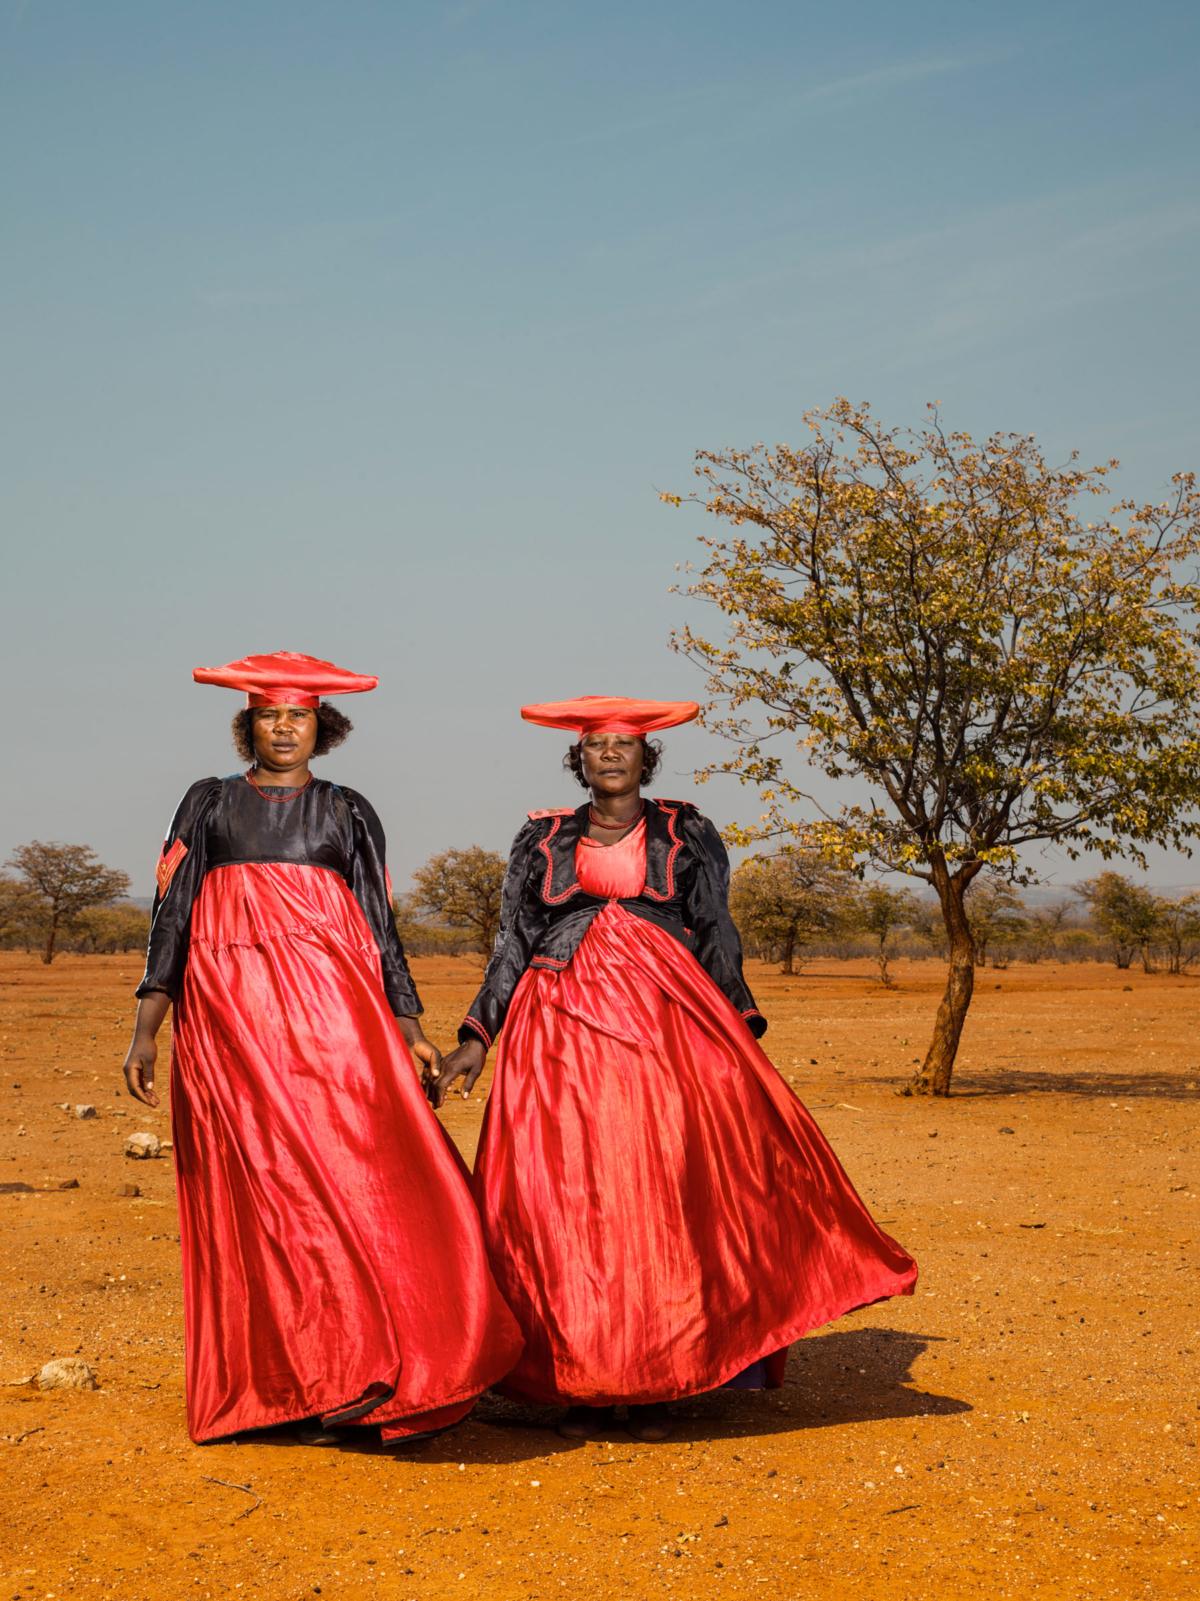 Hereros #36, Namibie 2017 Photographie Fine Art print sur papier Hahnemühle 80 x 100 cm, SG-HE36 ©STEPHAN GLADIEU